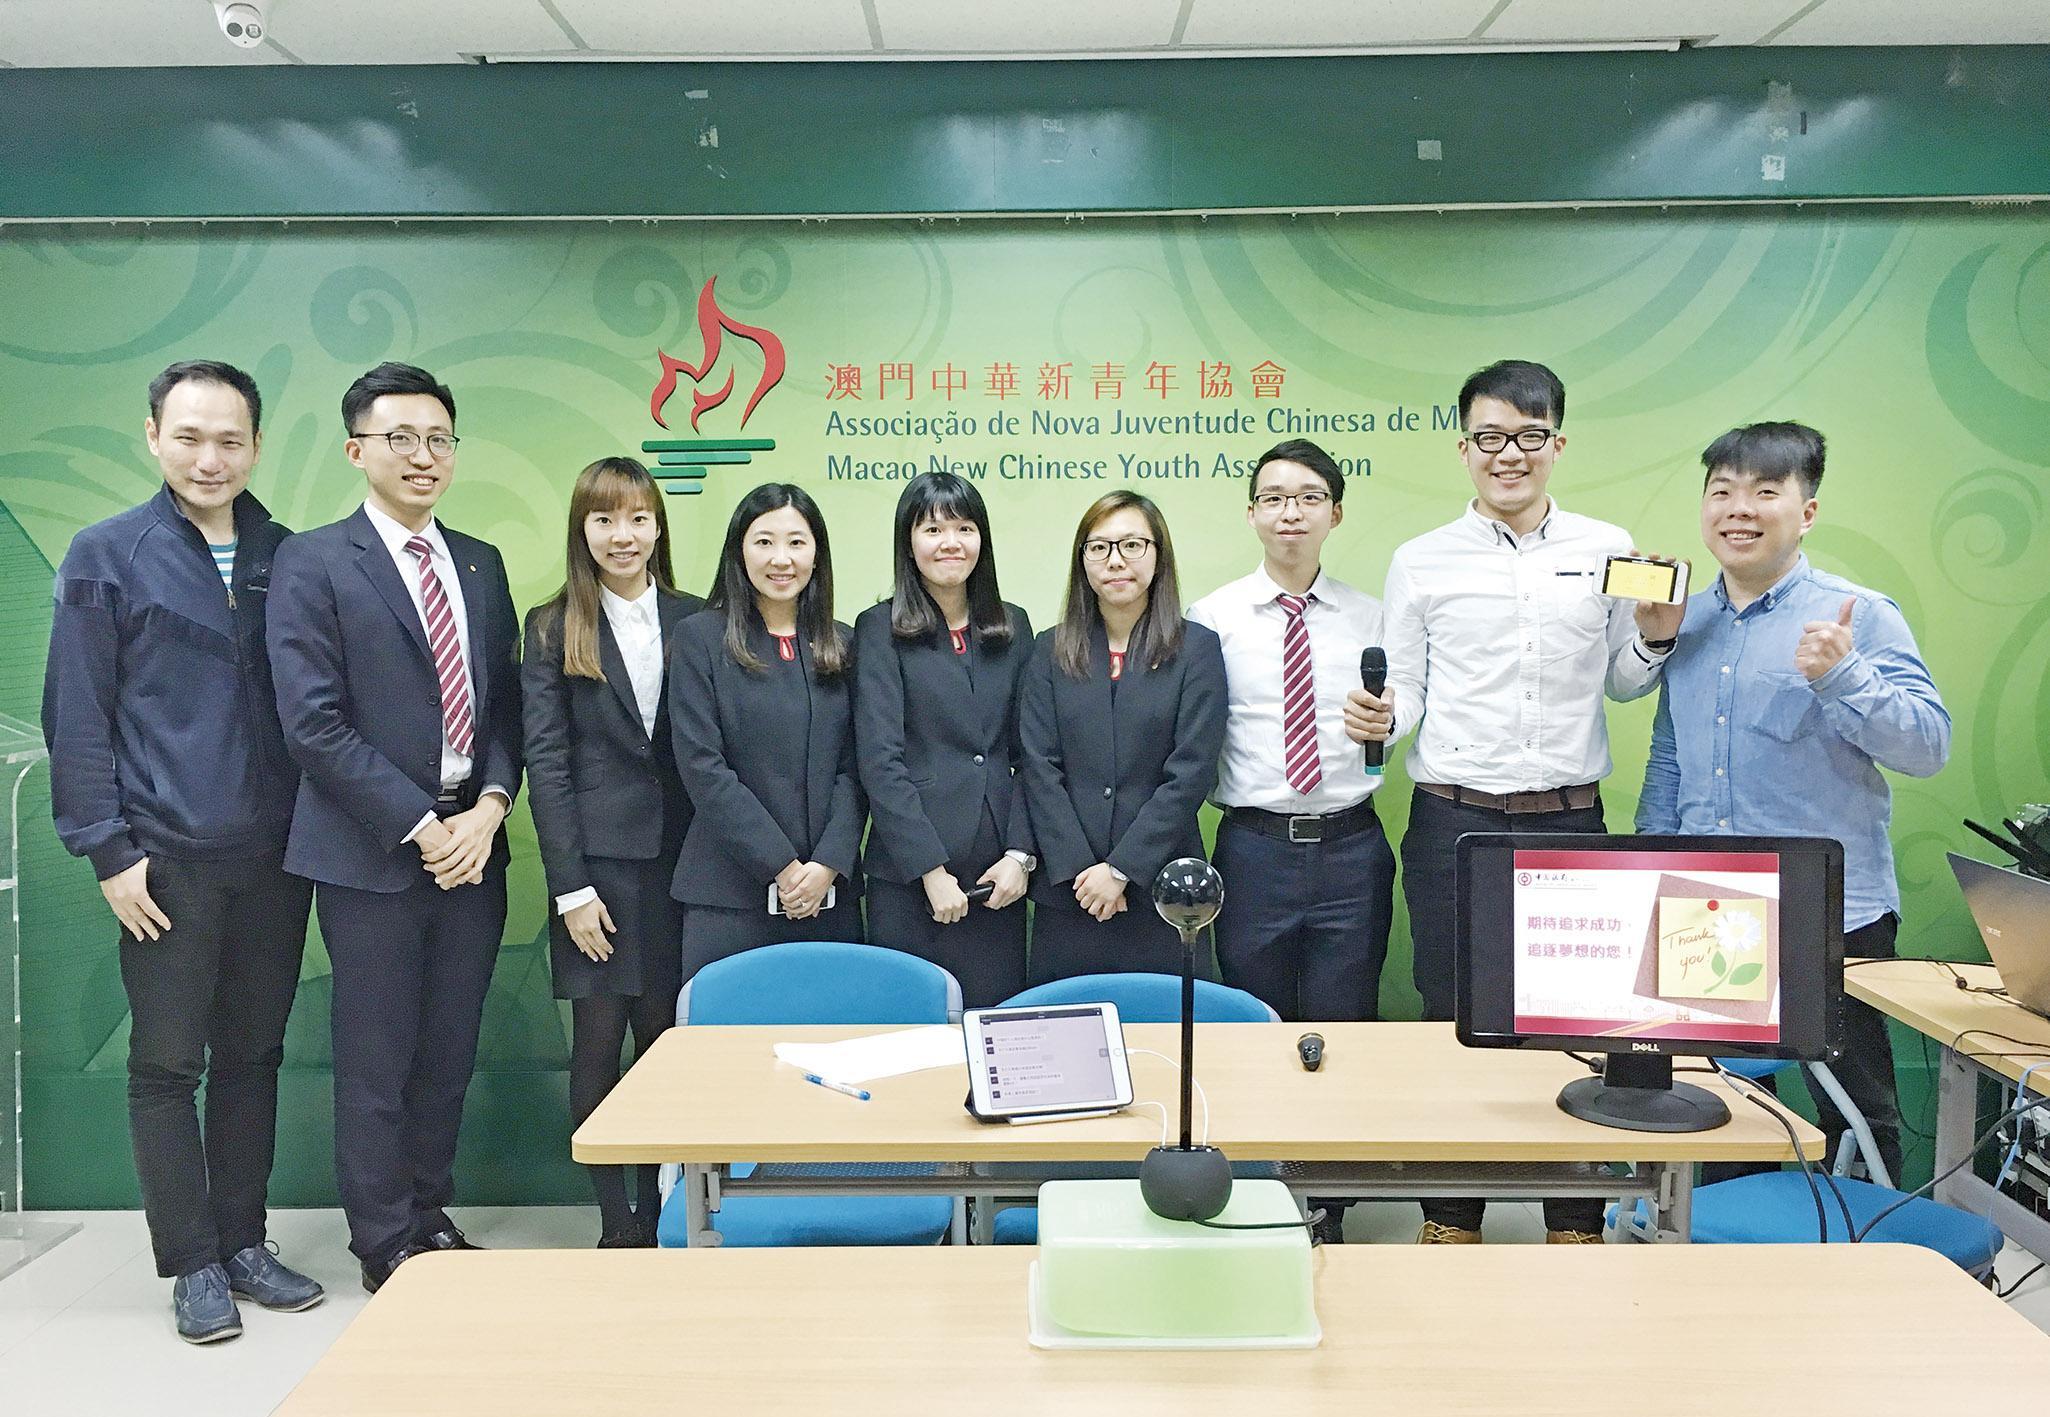 新青協助大專學生規劃職涯